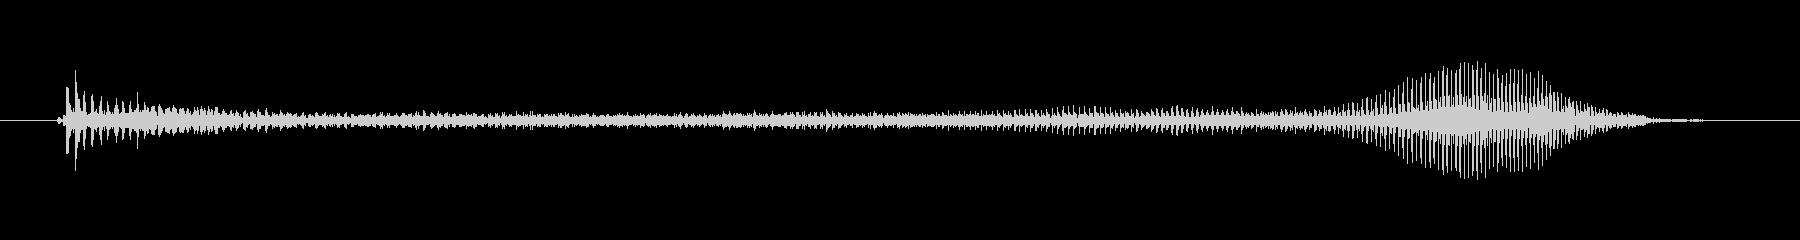 うーっ↑(子供)【掛け声・溜め】 の未再生の波形